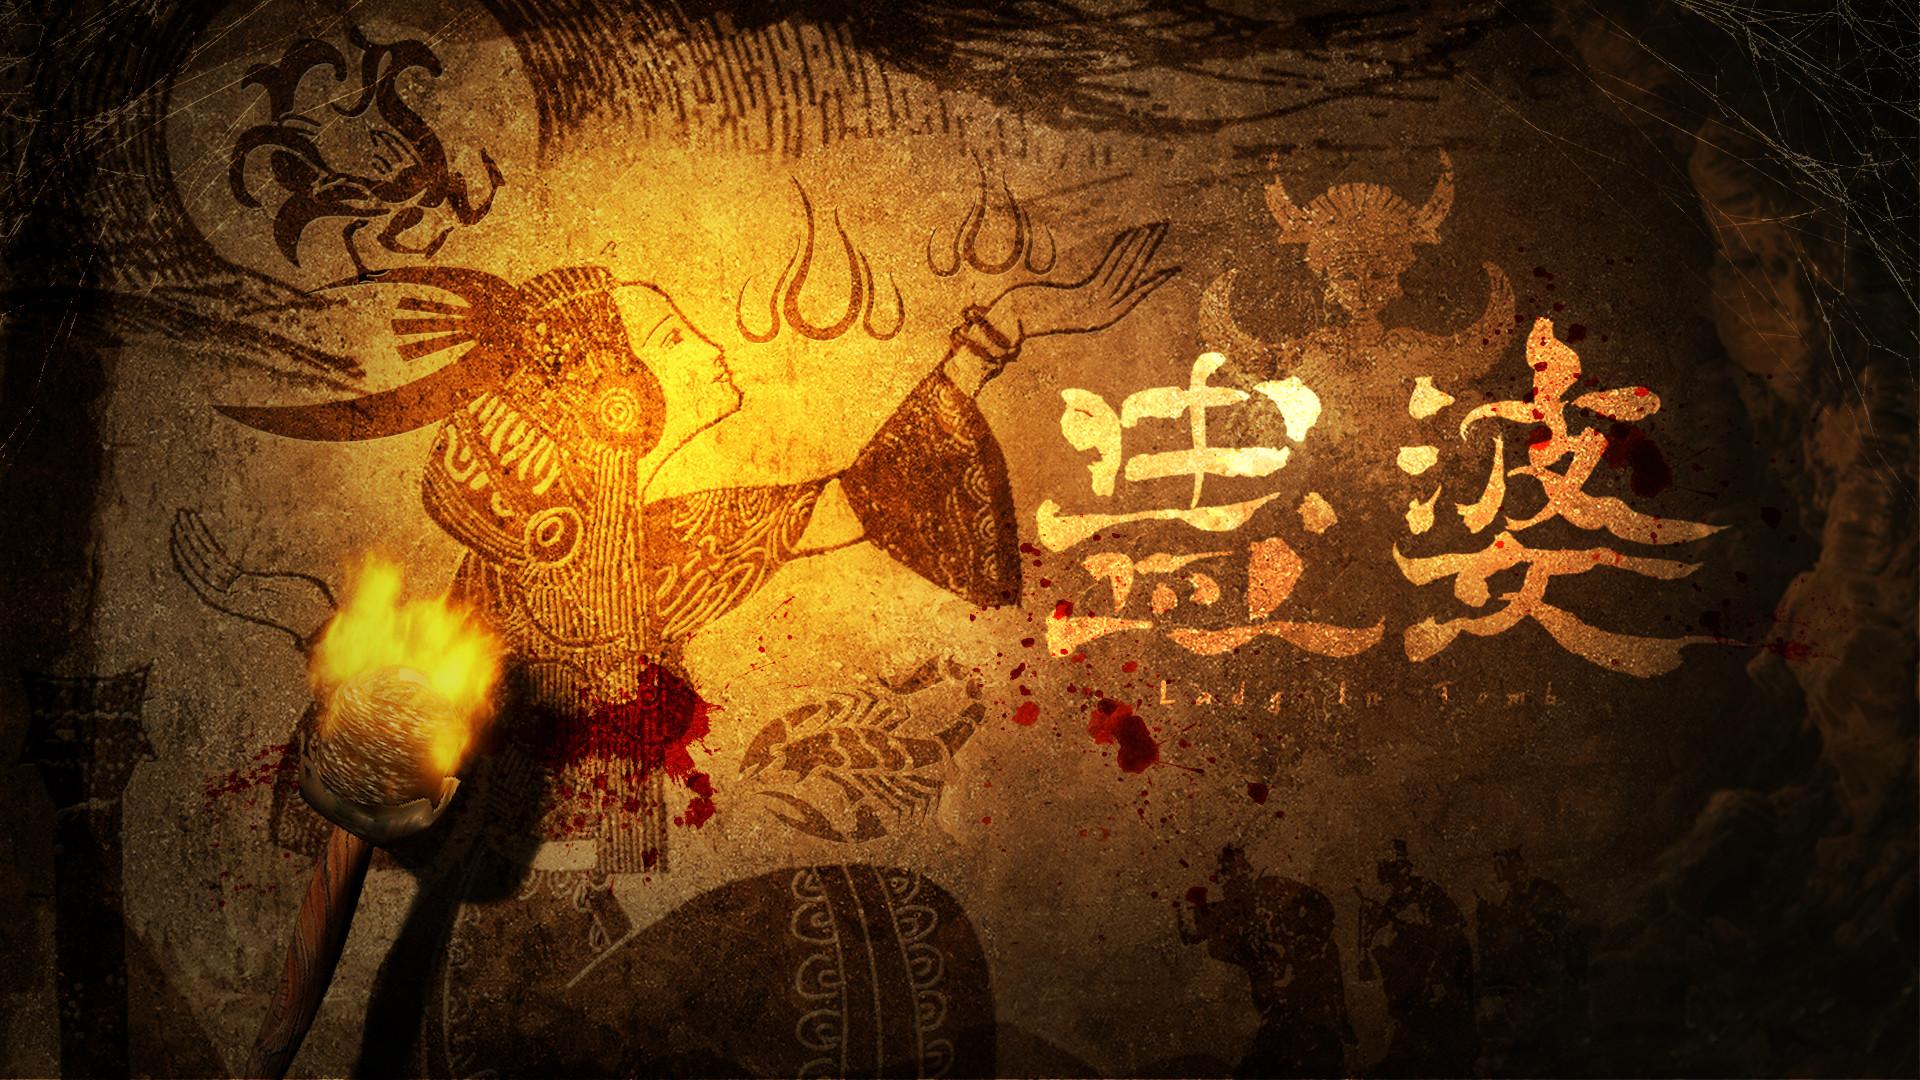 国产悬疑动作解谜游戏《蛊婆》今日公布免费DLC预告